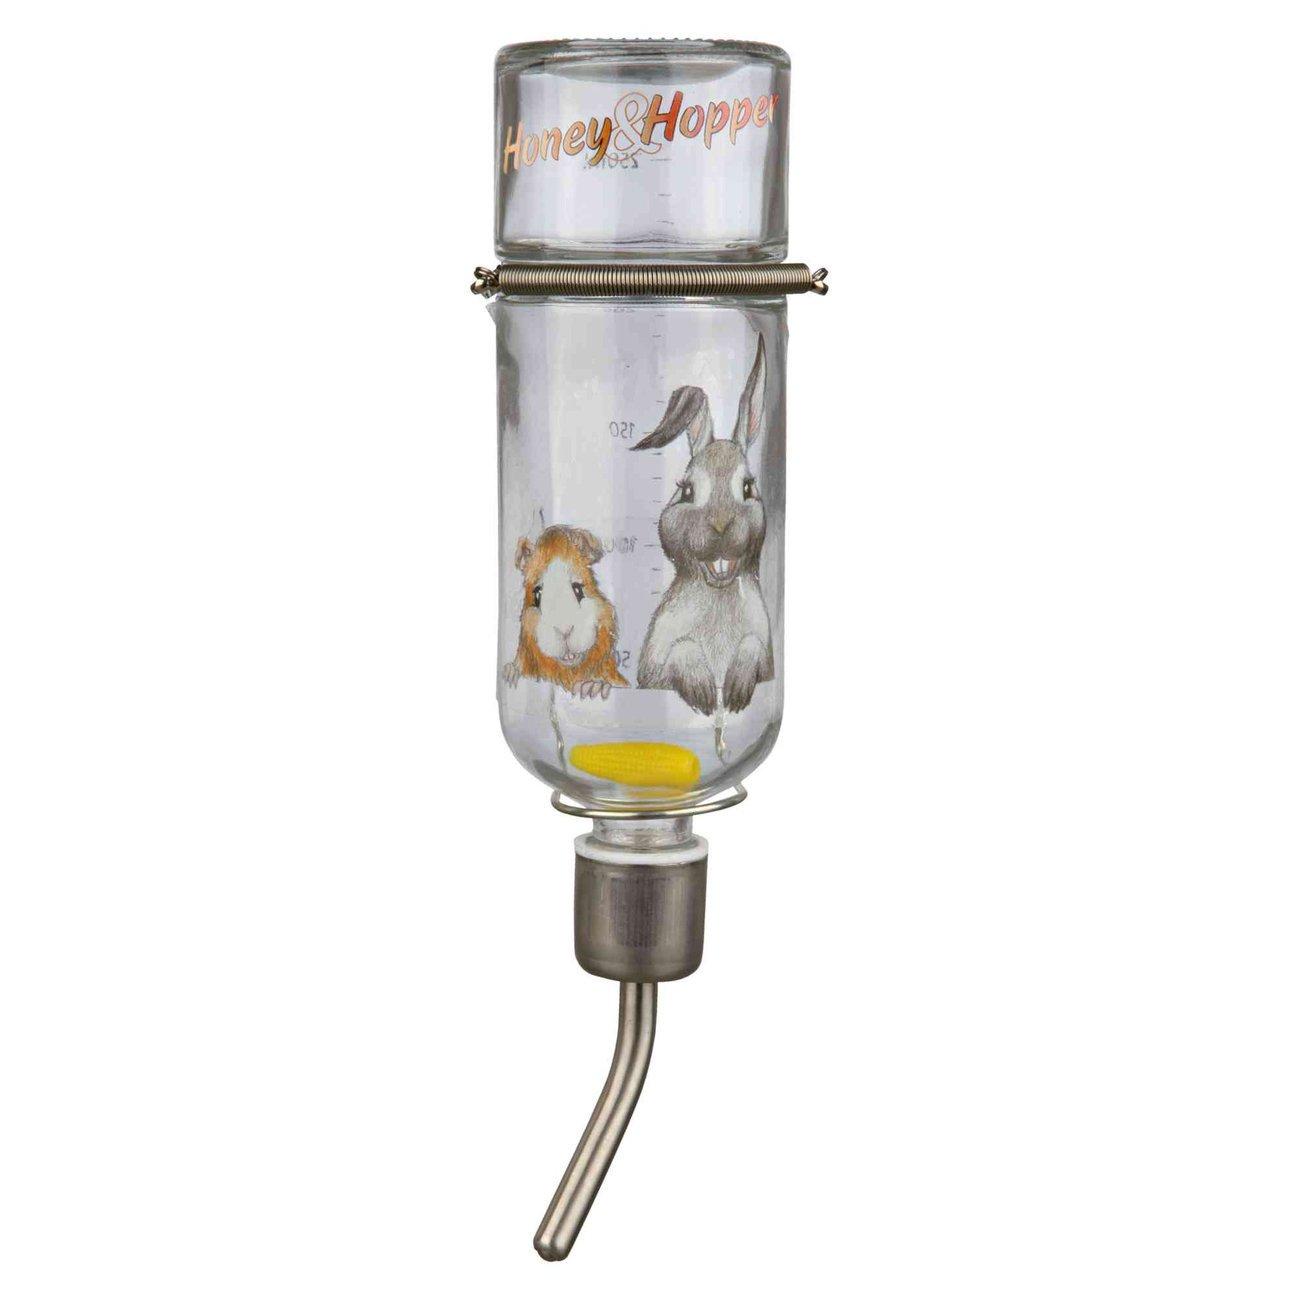 Trixie Honey & Hopper Glastränke für Kleintiere 60445, Bild 2